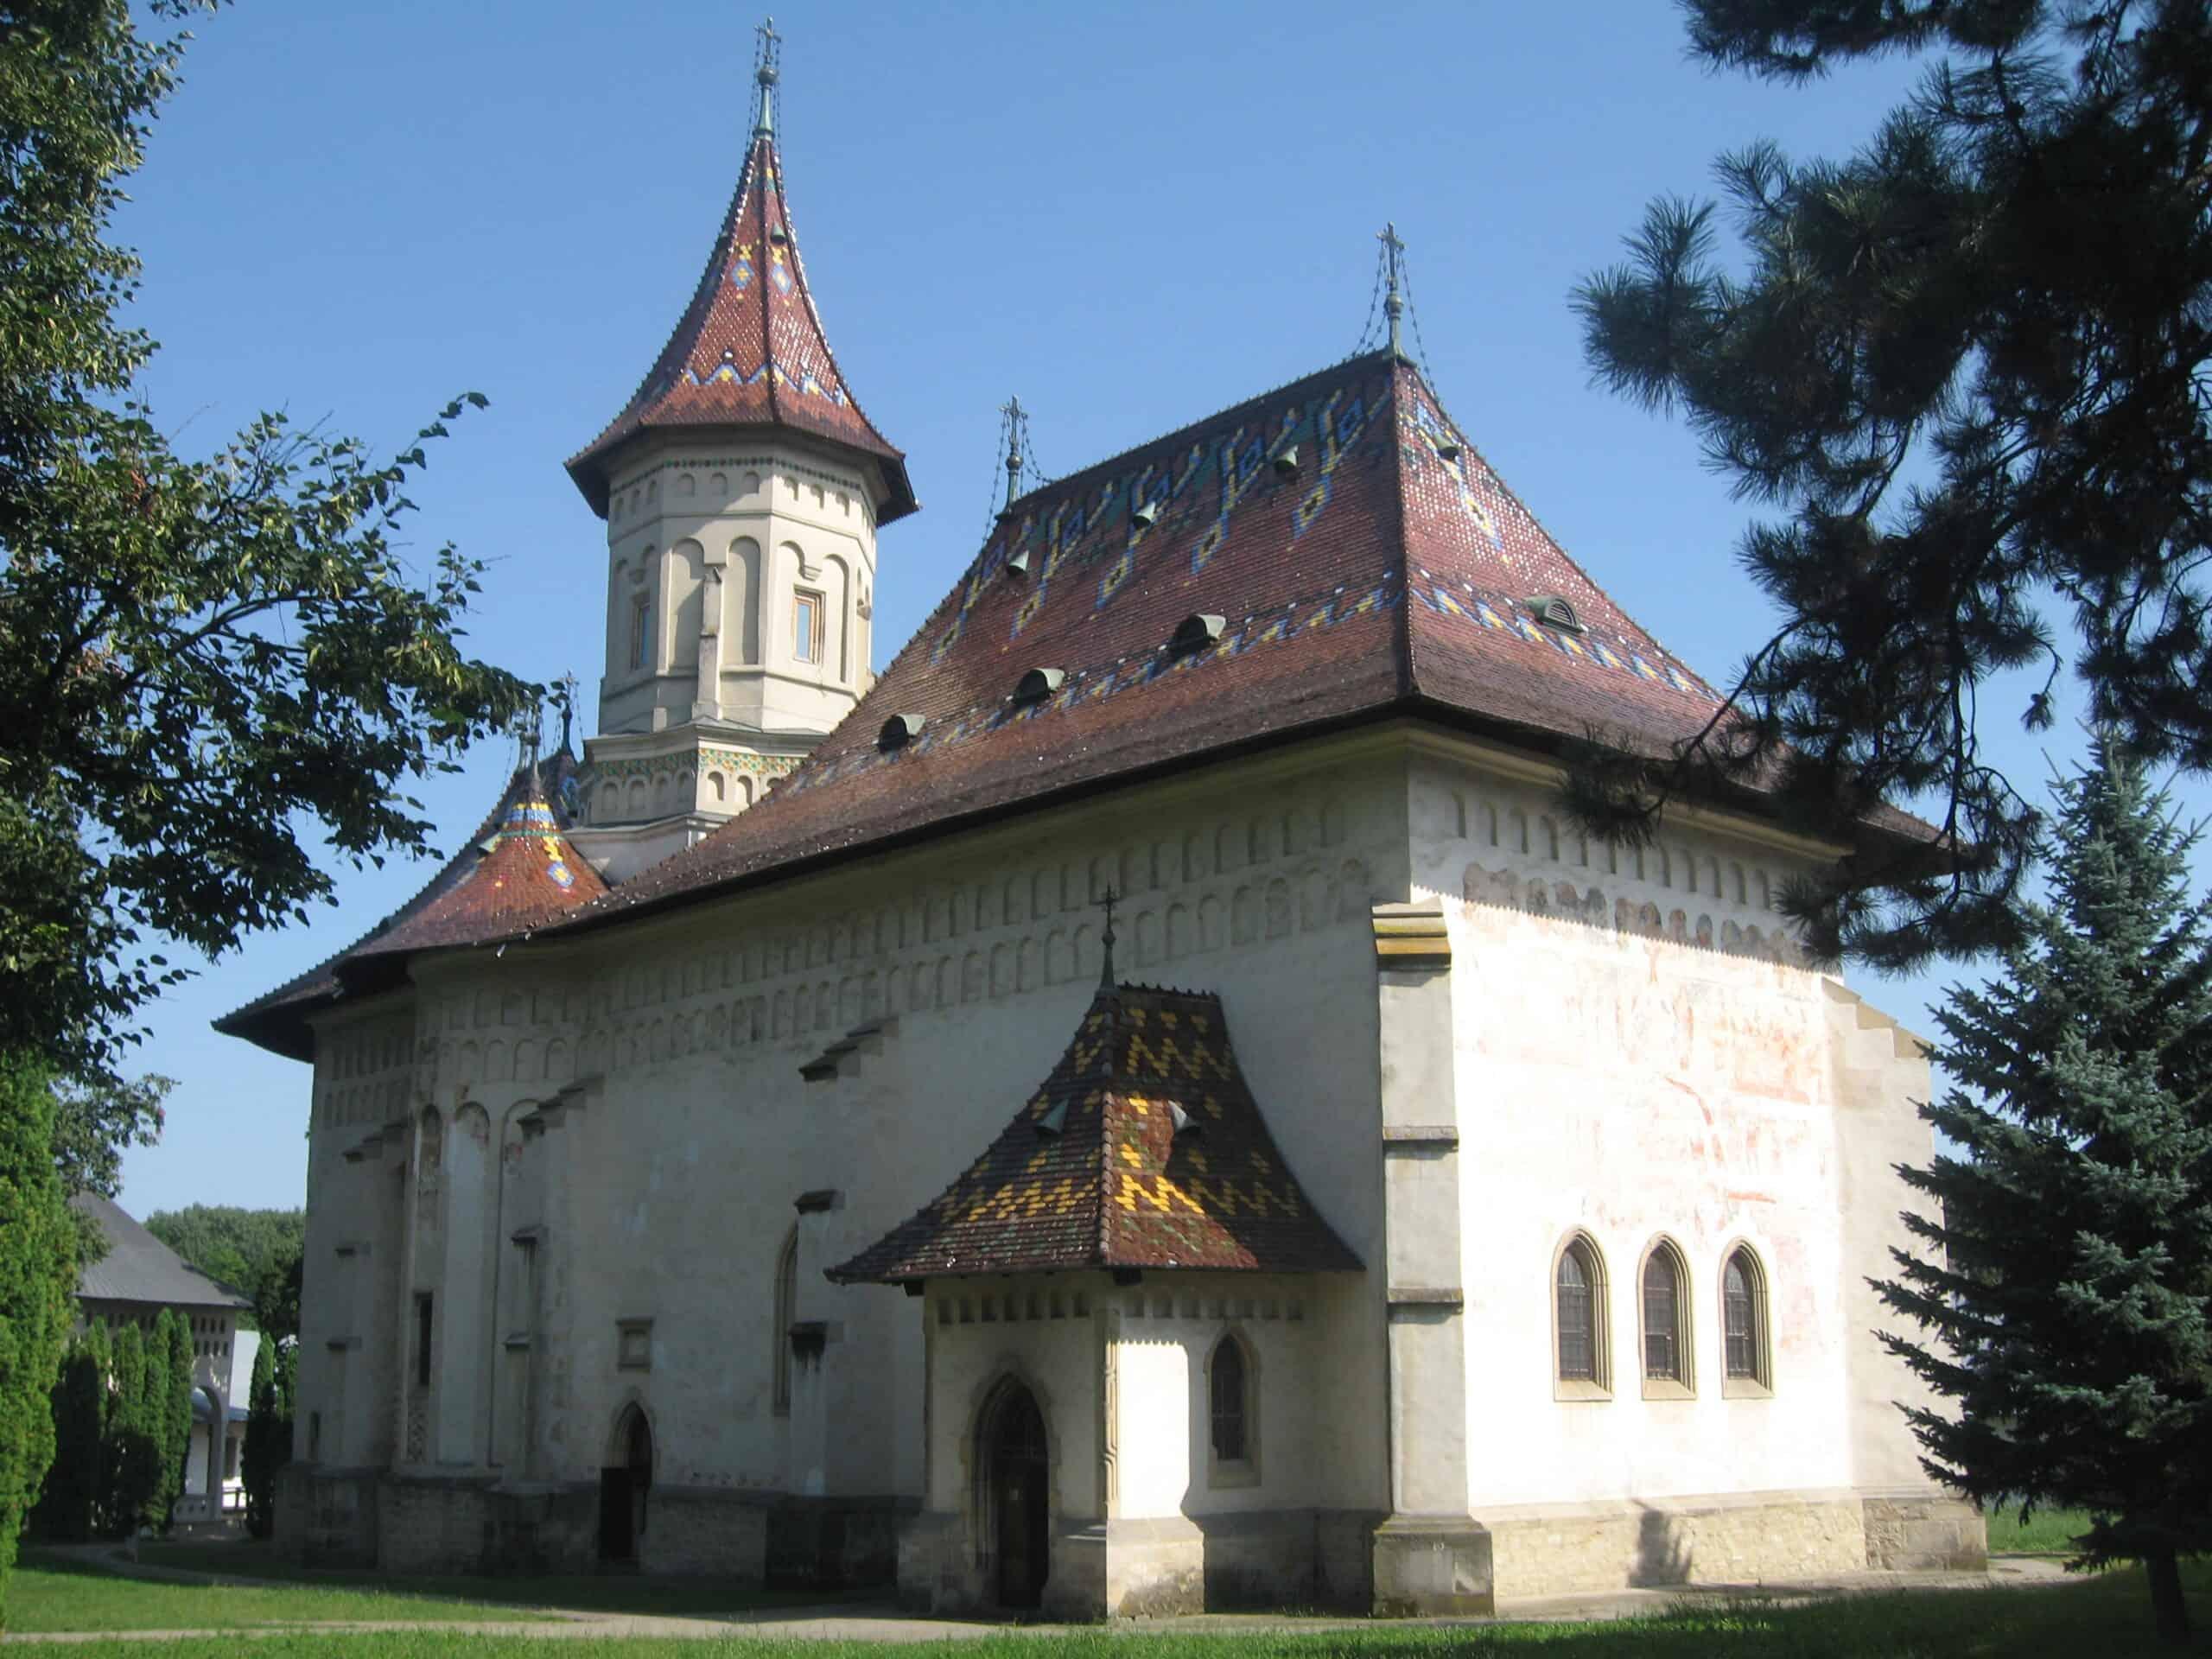 Manastirea-Sfantul-Ioan-Cel-Nou